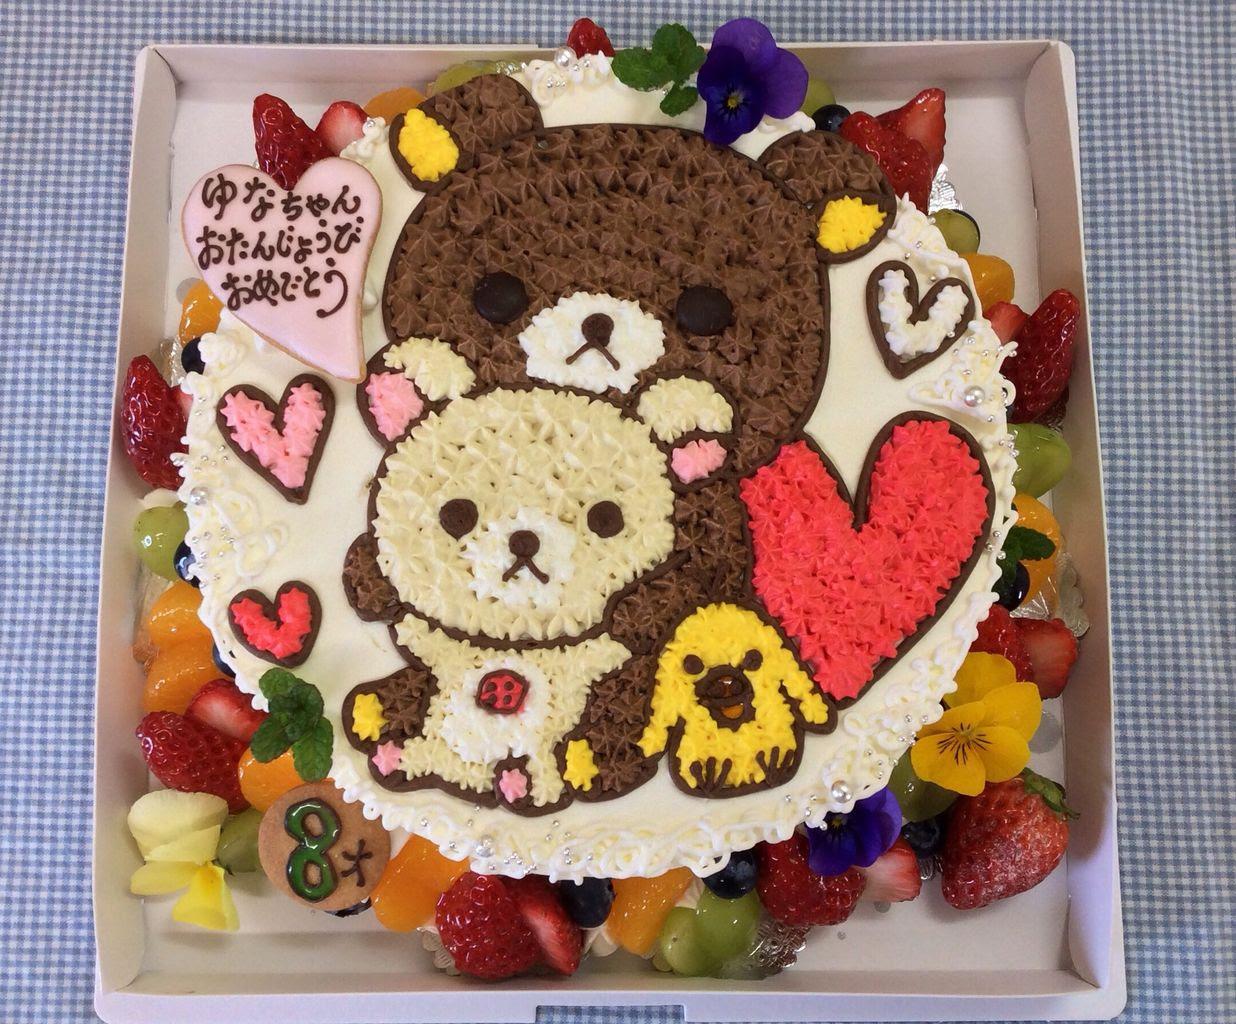 Rinas リラックマのお誕生日ケーキ